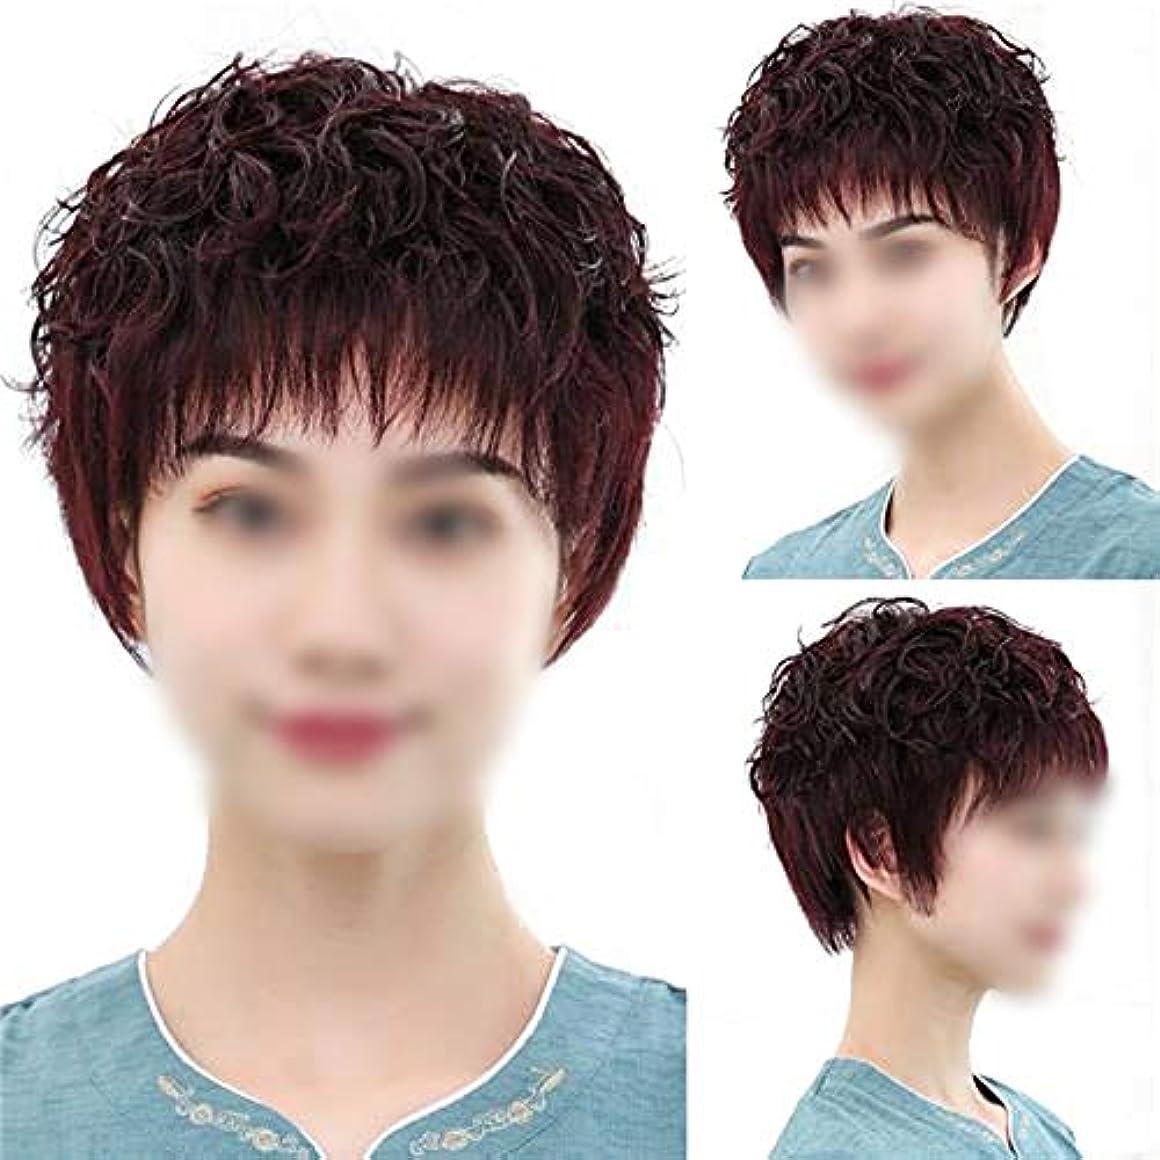 バットバングラデシュシャッターYOUQIU ウィッグショートカーリーヘアの女性のパーティードレスデイリーウィッグのための本当の髪のかつらを手織り (色 : Natural black)